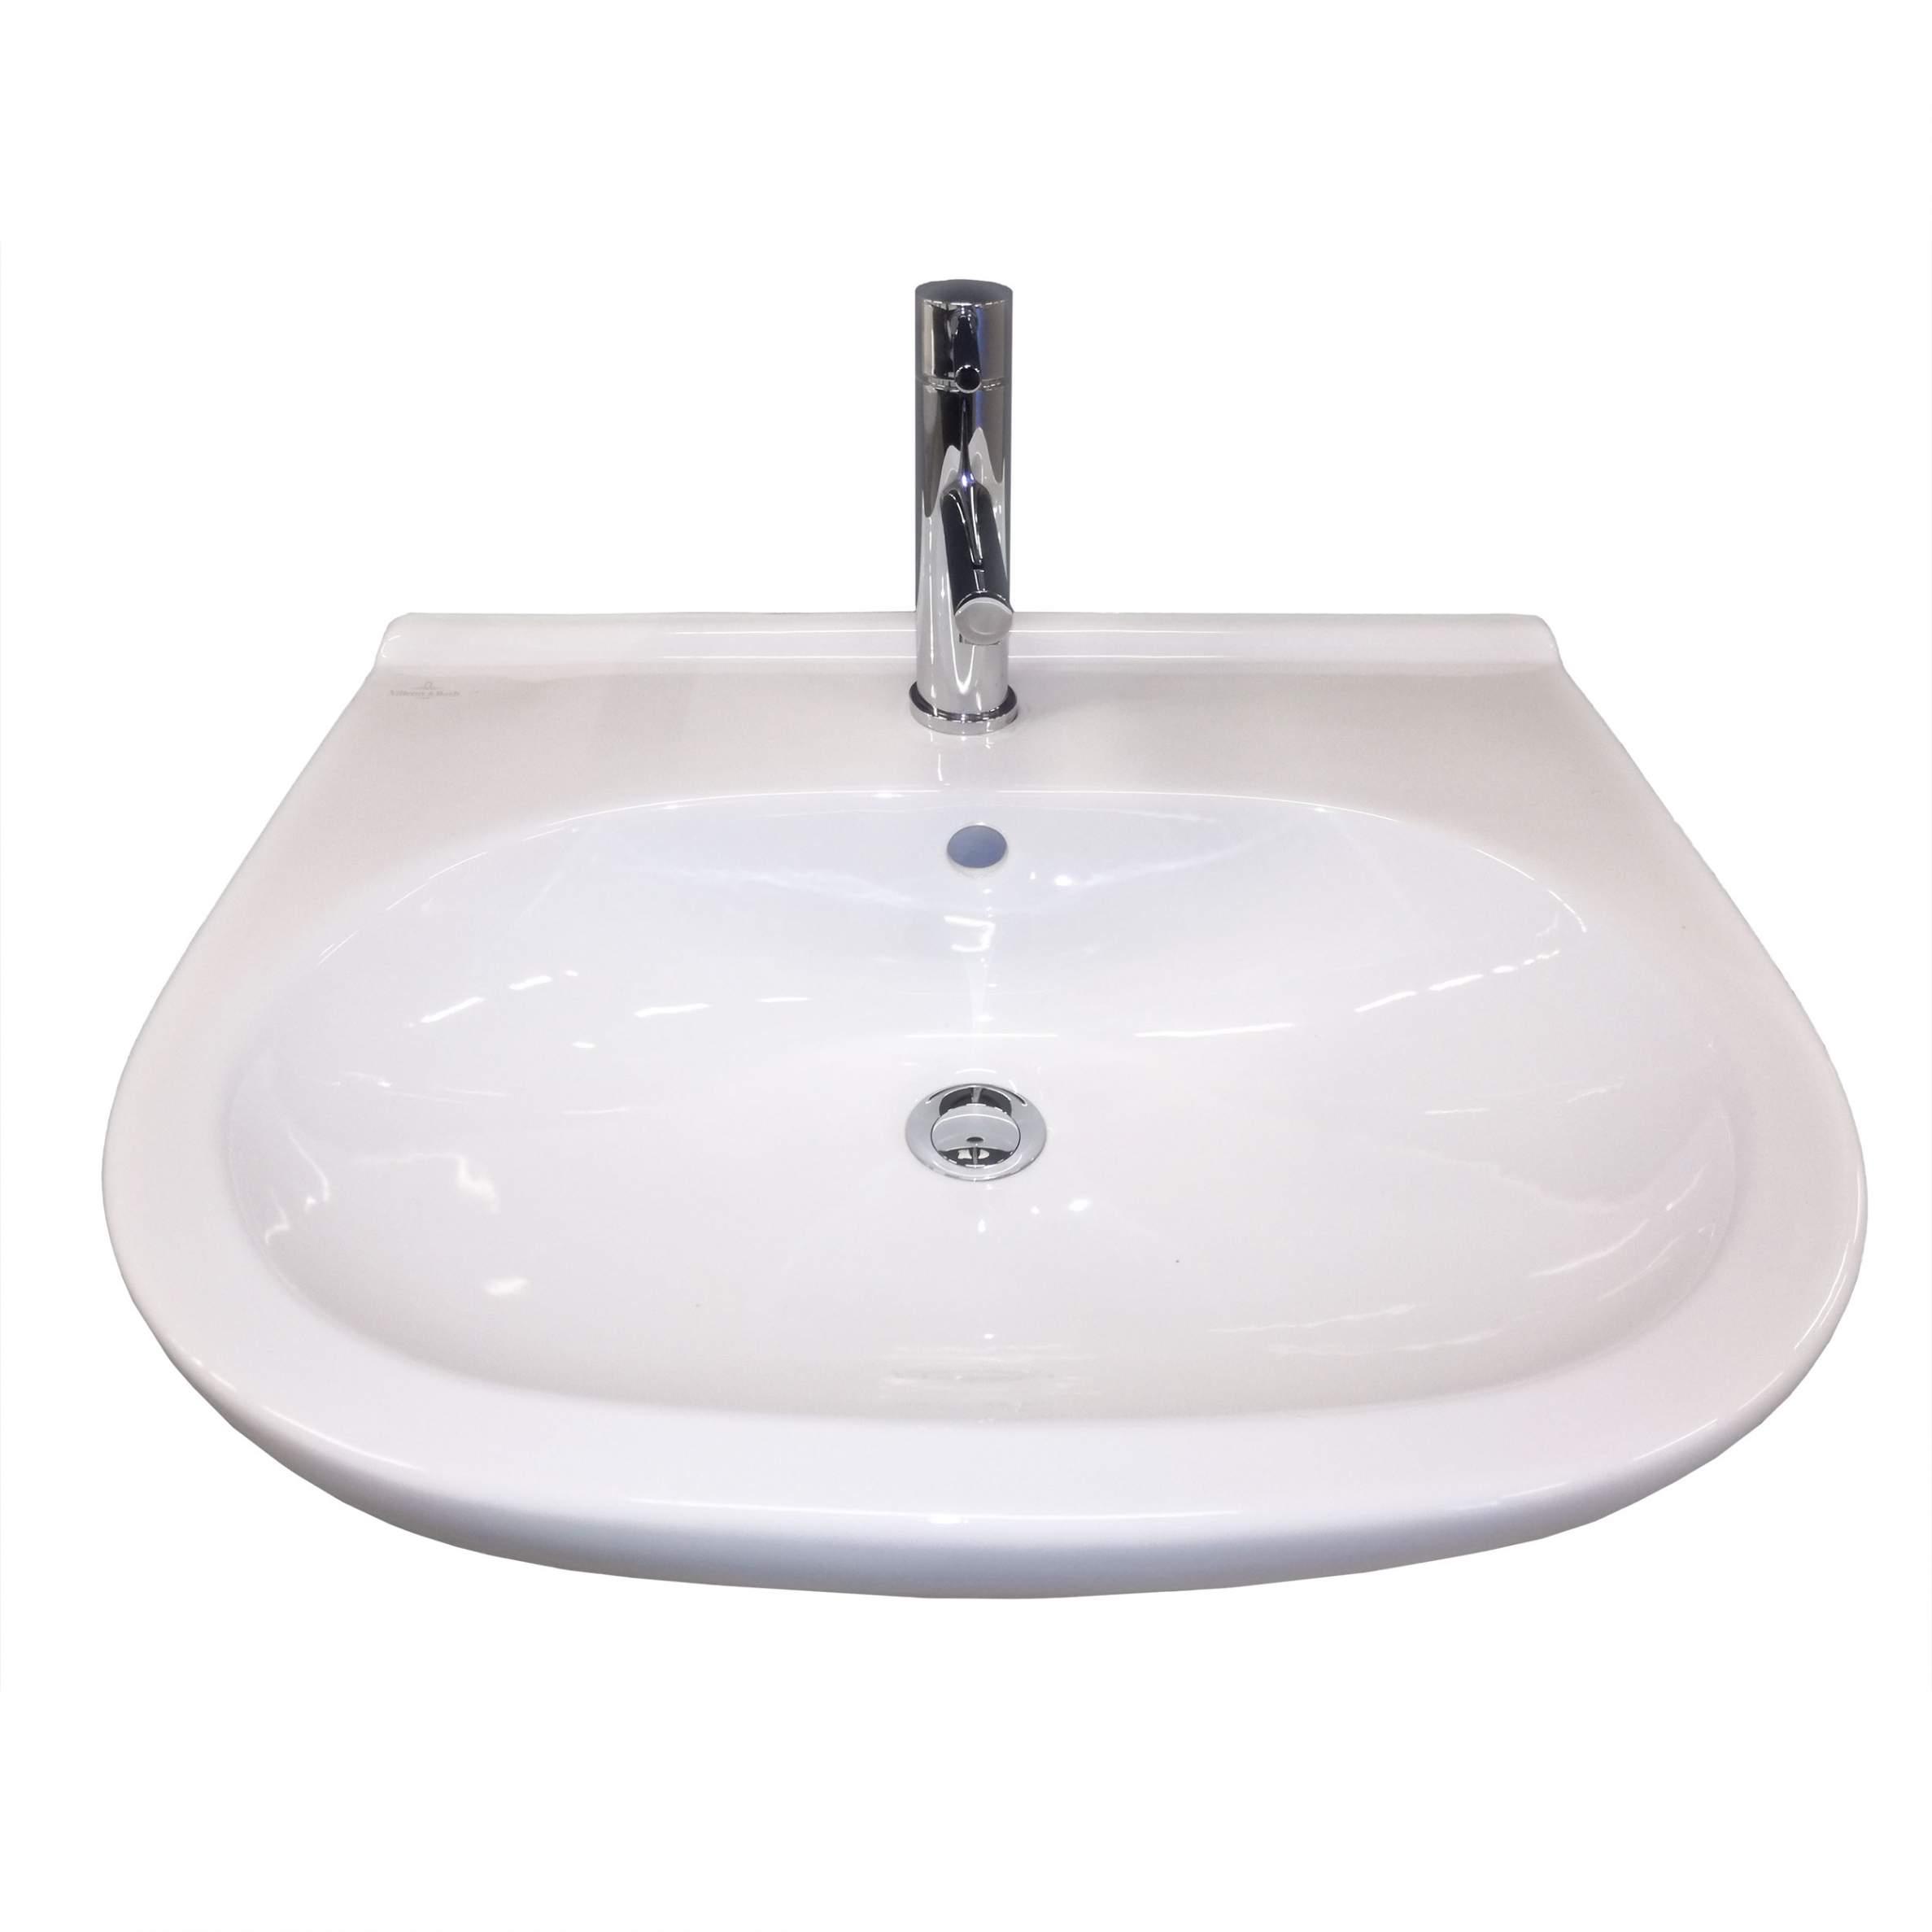 villeroy and boch o novo waschtisch bi pack toilette mit waschbecken toilette mit waschbecken